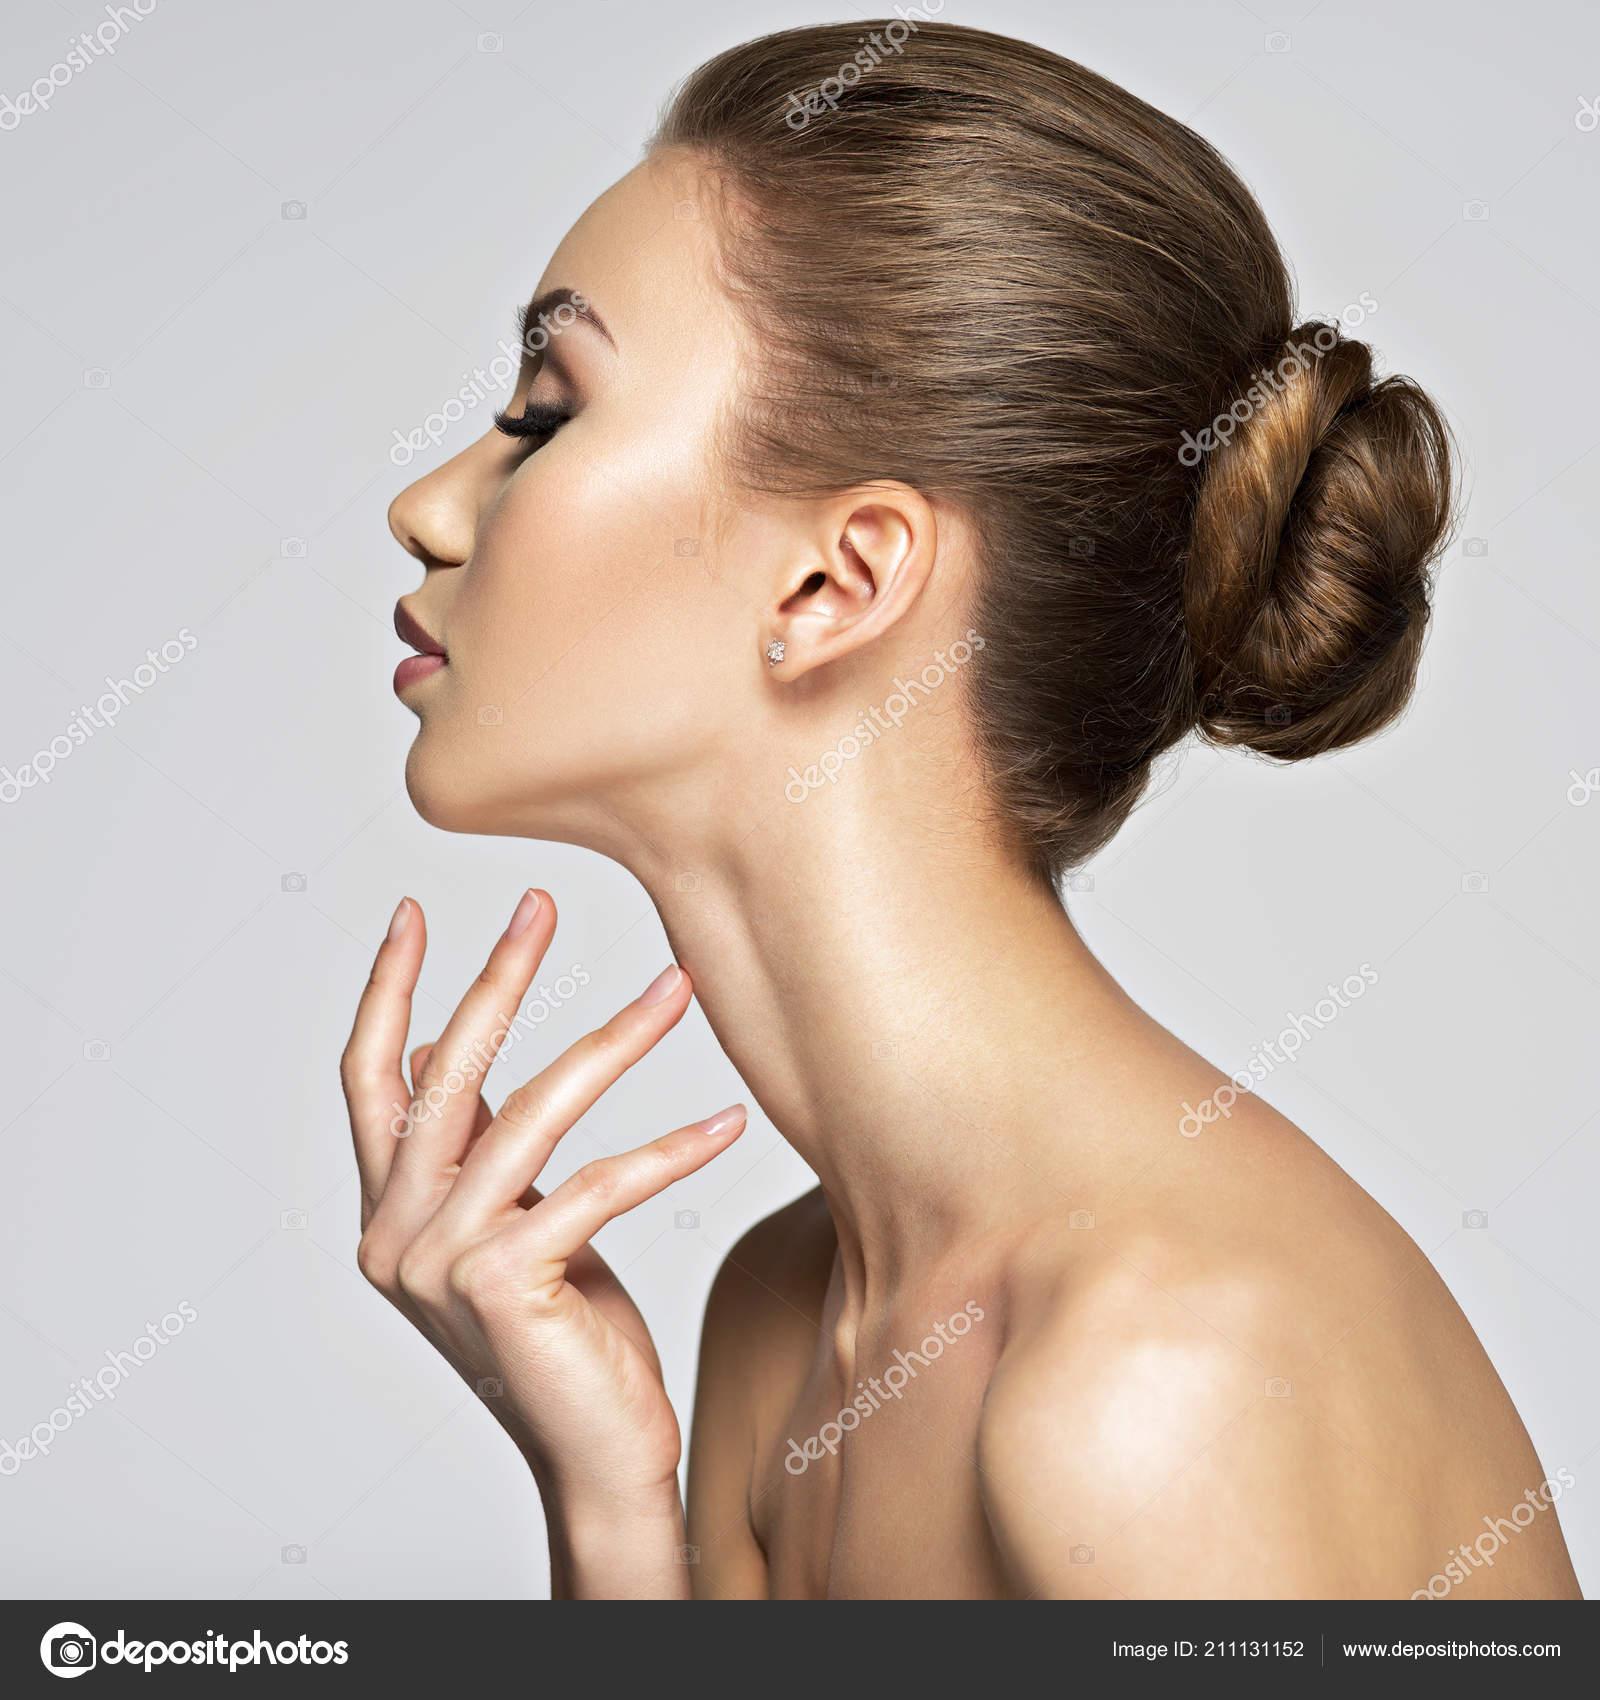 Seite Ansicht Portrat Der Jungen Frau Mit Elegante Frisur Auf